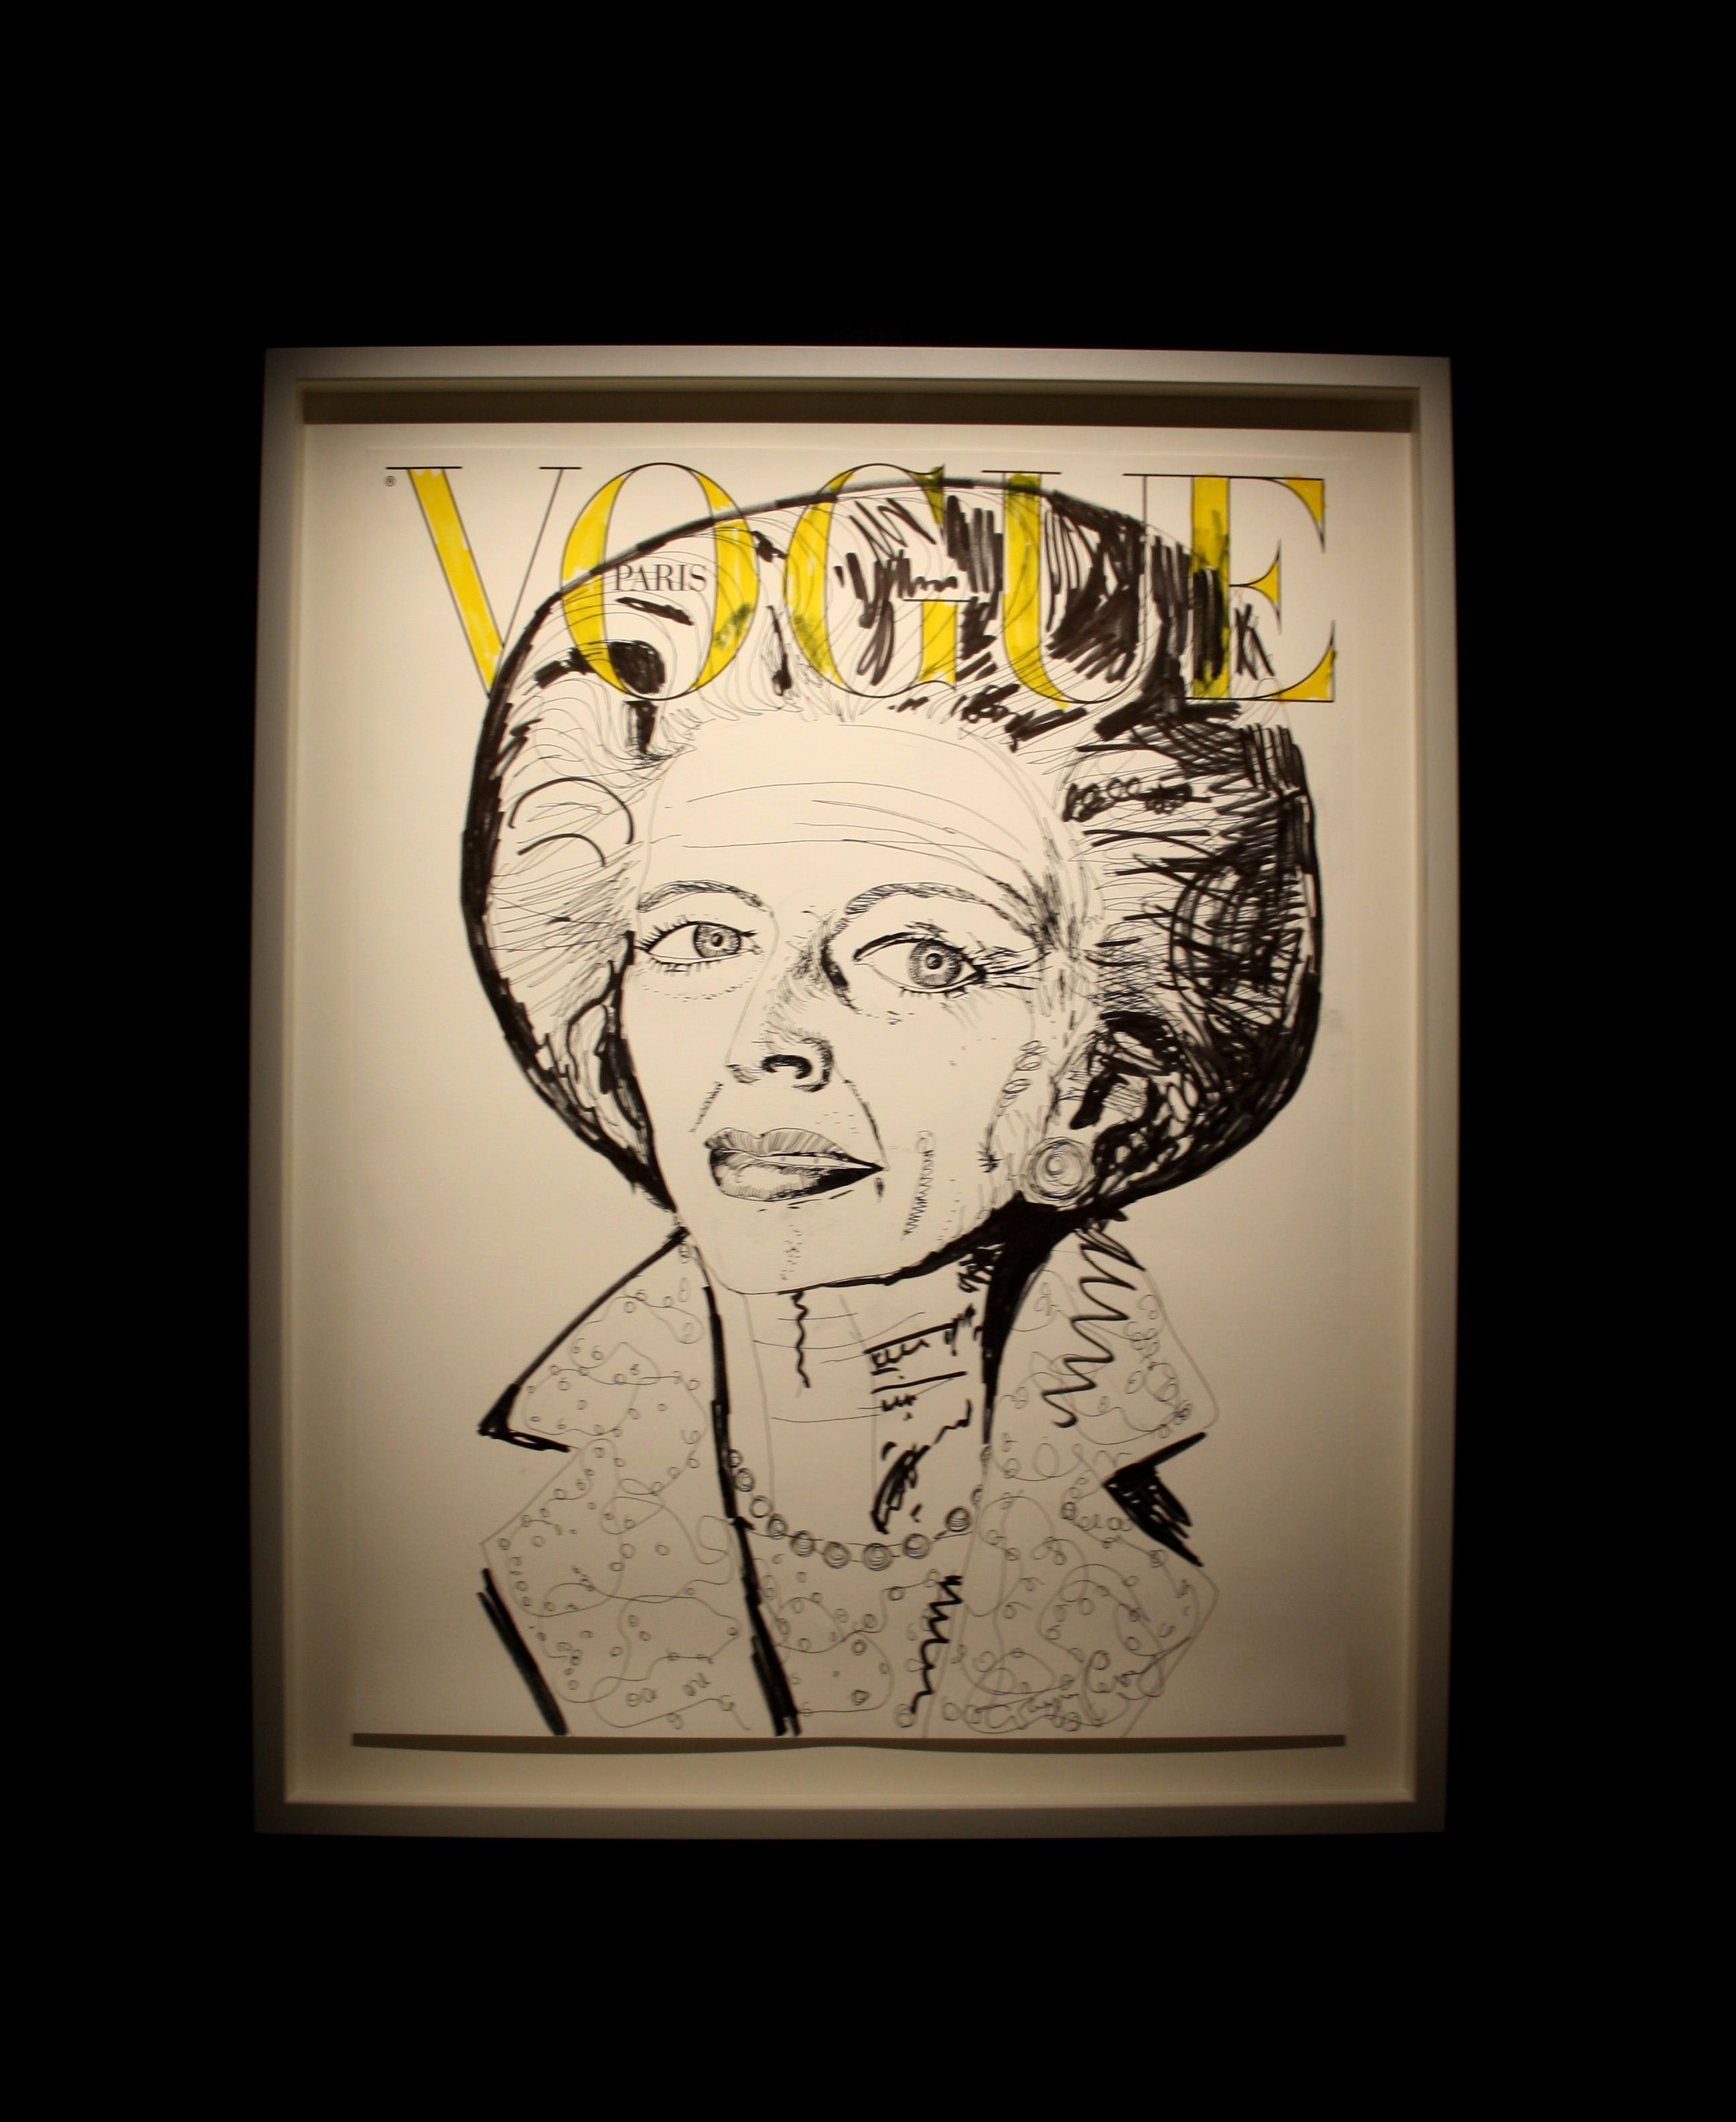 Couverture Vogue Paris revisitée par le britannique Grayson Perry.